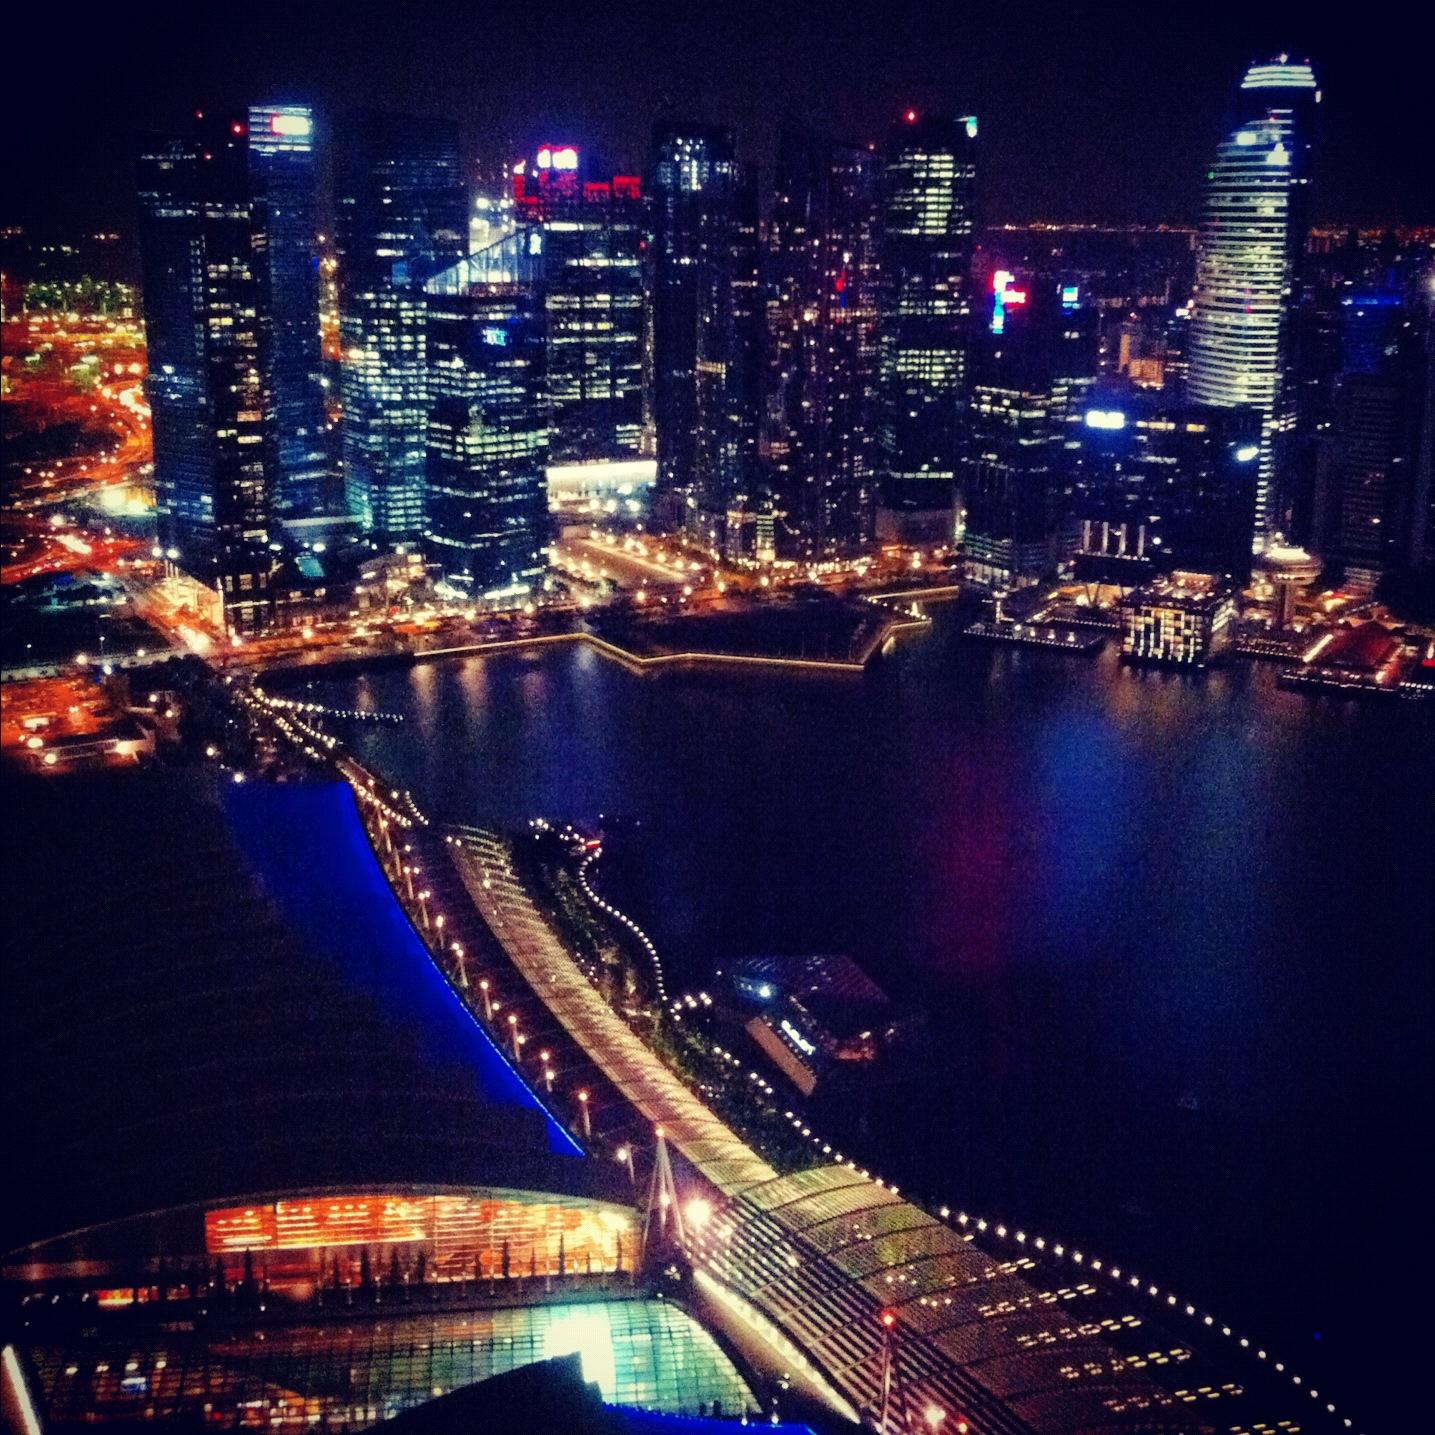 La vista dallo Skypark del Marina Bay Sands